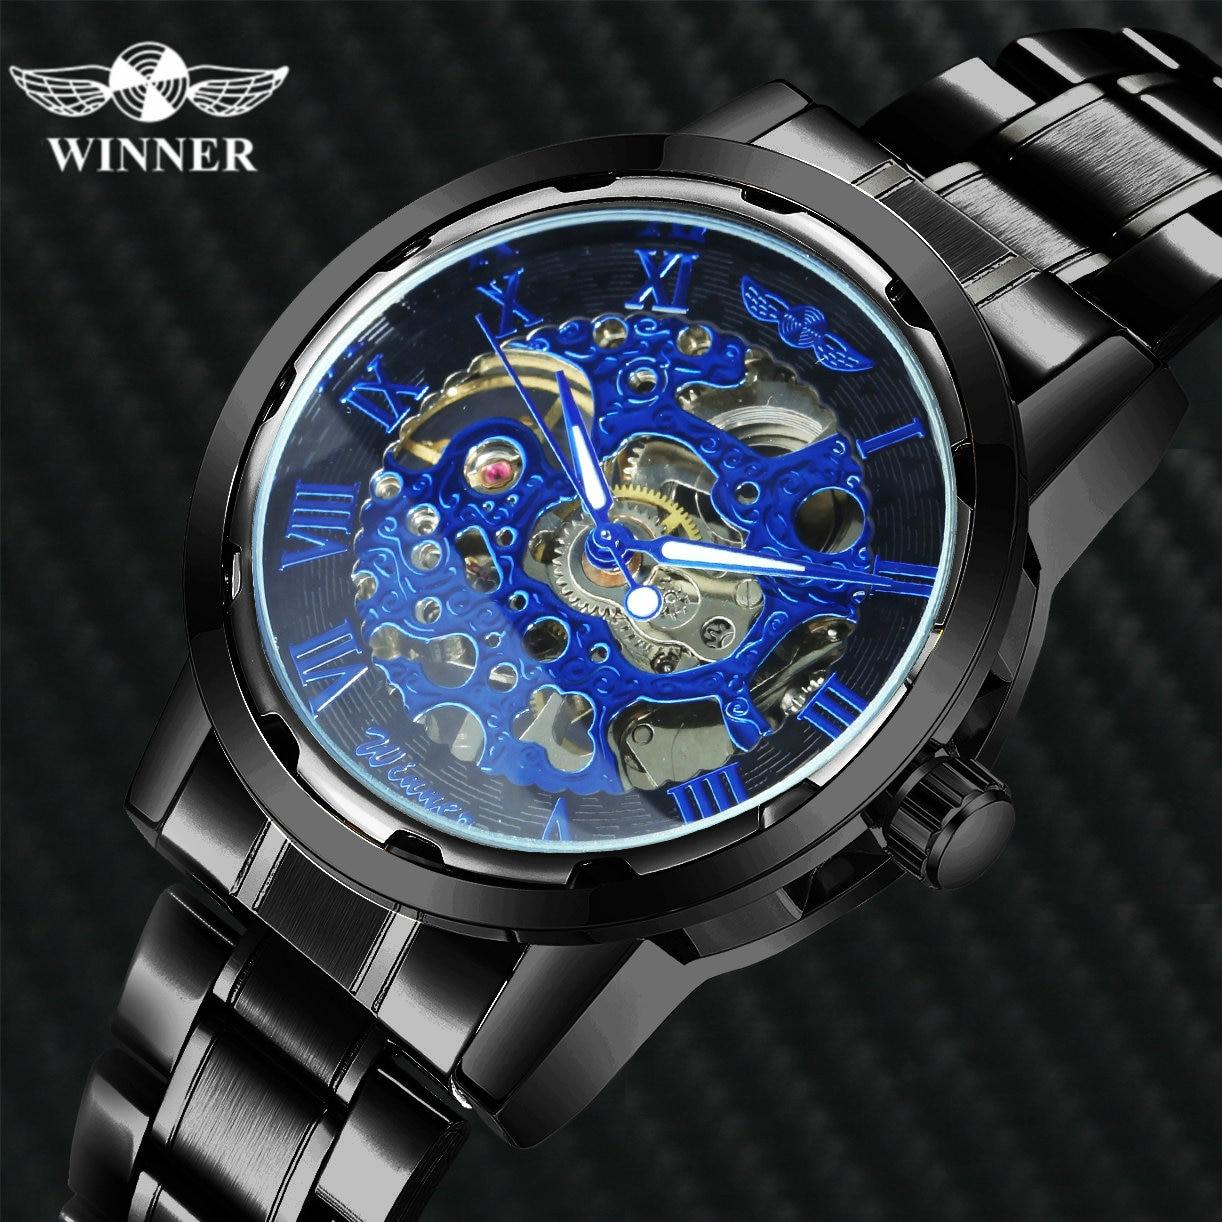 Механические часы WINNER для мужчин, модные часы со скелетом, ремешок из нержавеющей стали, светящиеся стрелки, мужские наручные часы, платье, ...